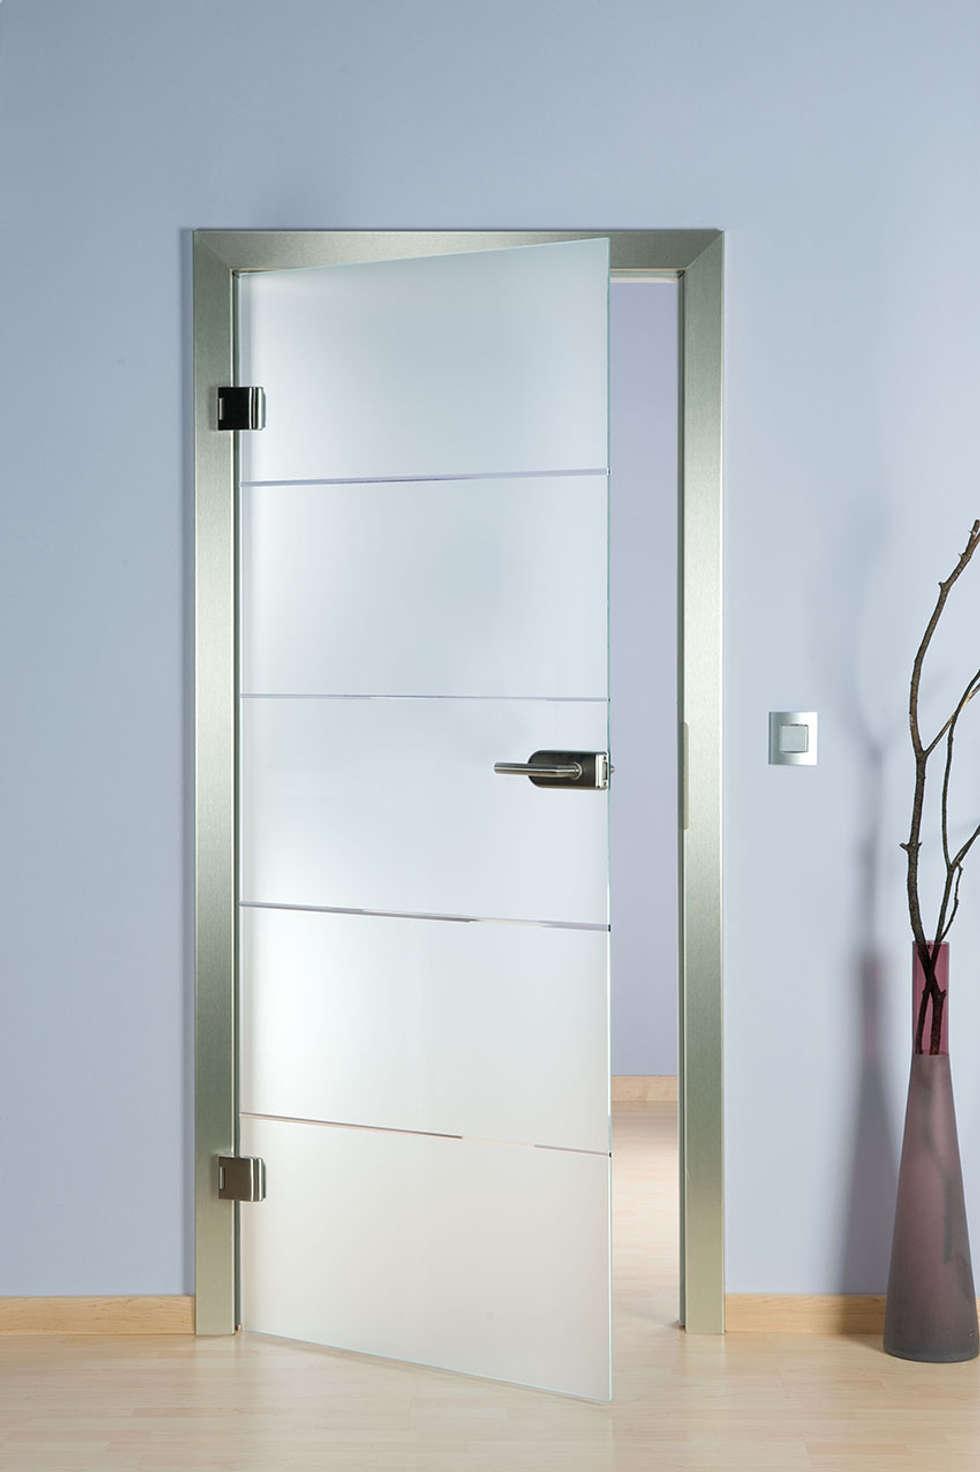 Wohnideen Interior Design Einrichtungsideen Bilder Homify - Wohnzimmer glastur